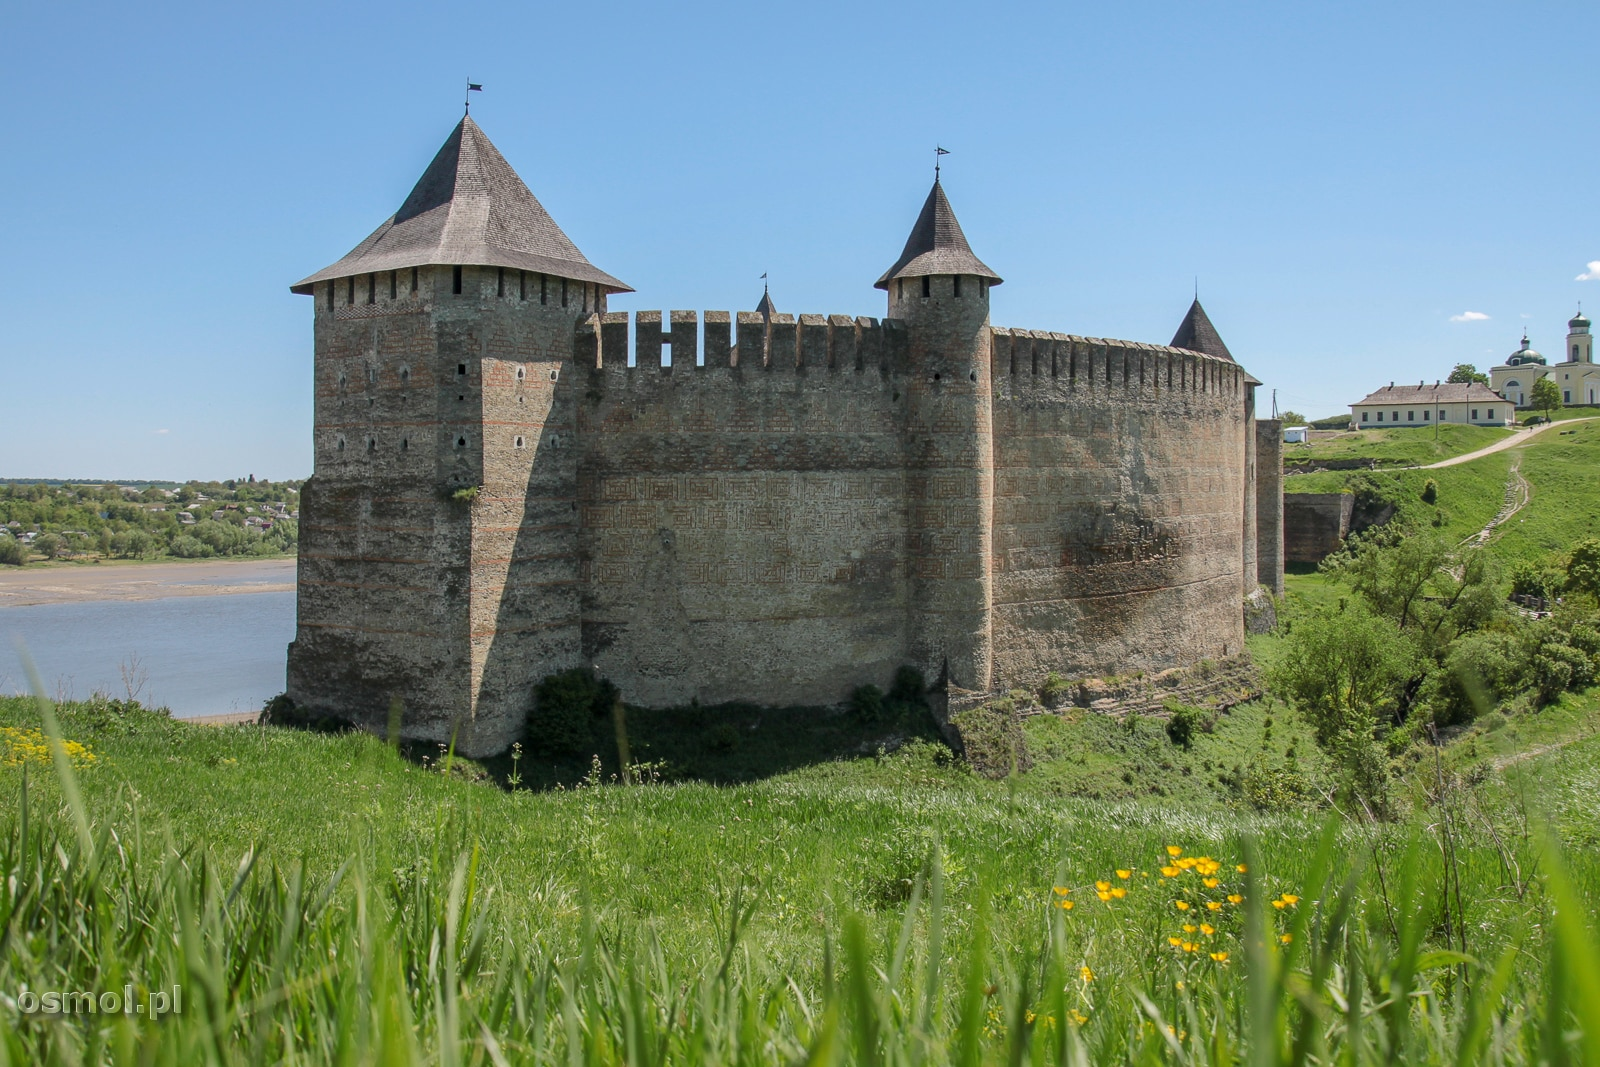 Warto wejść na pagórek za zamkiem, by obejrzeć wspaniały pejzaż: Zamek w Chocimiu na tle Dniestru.